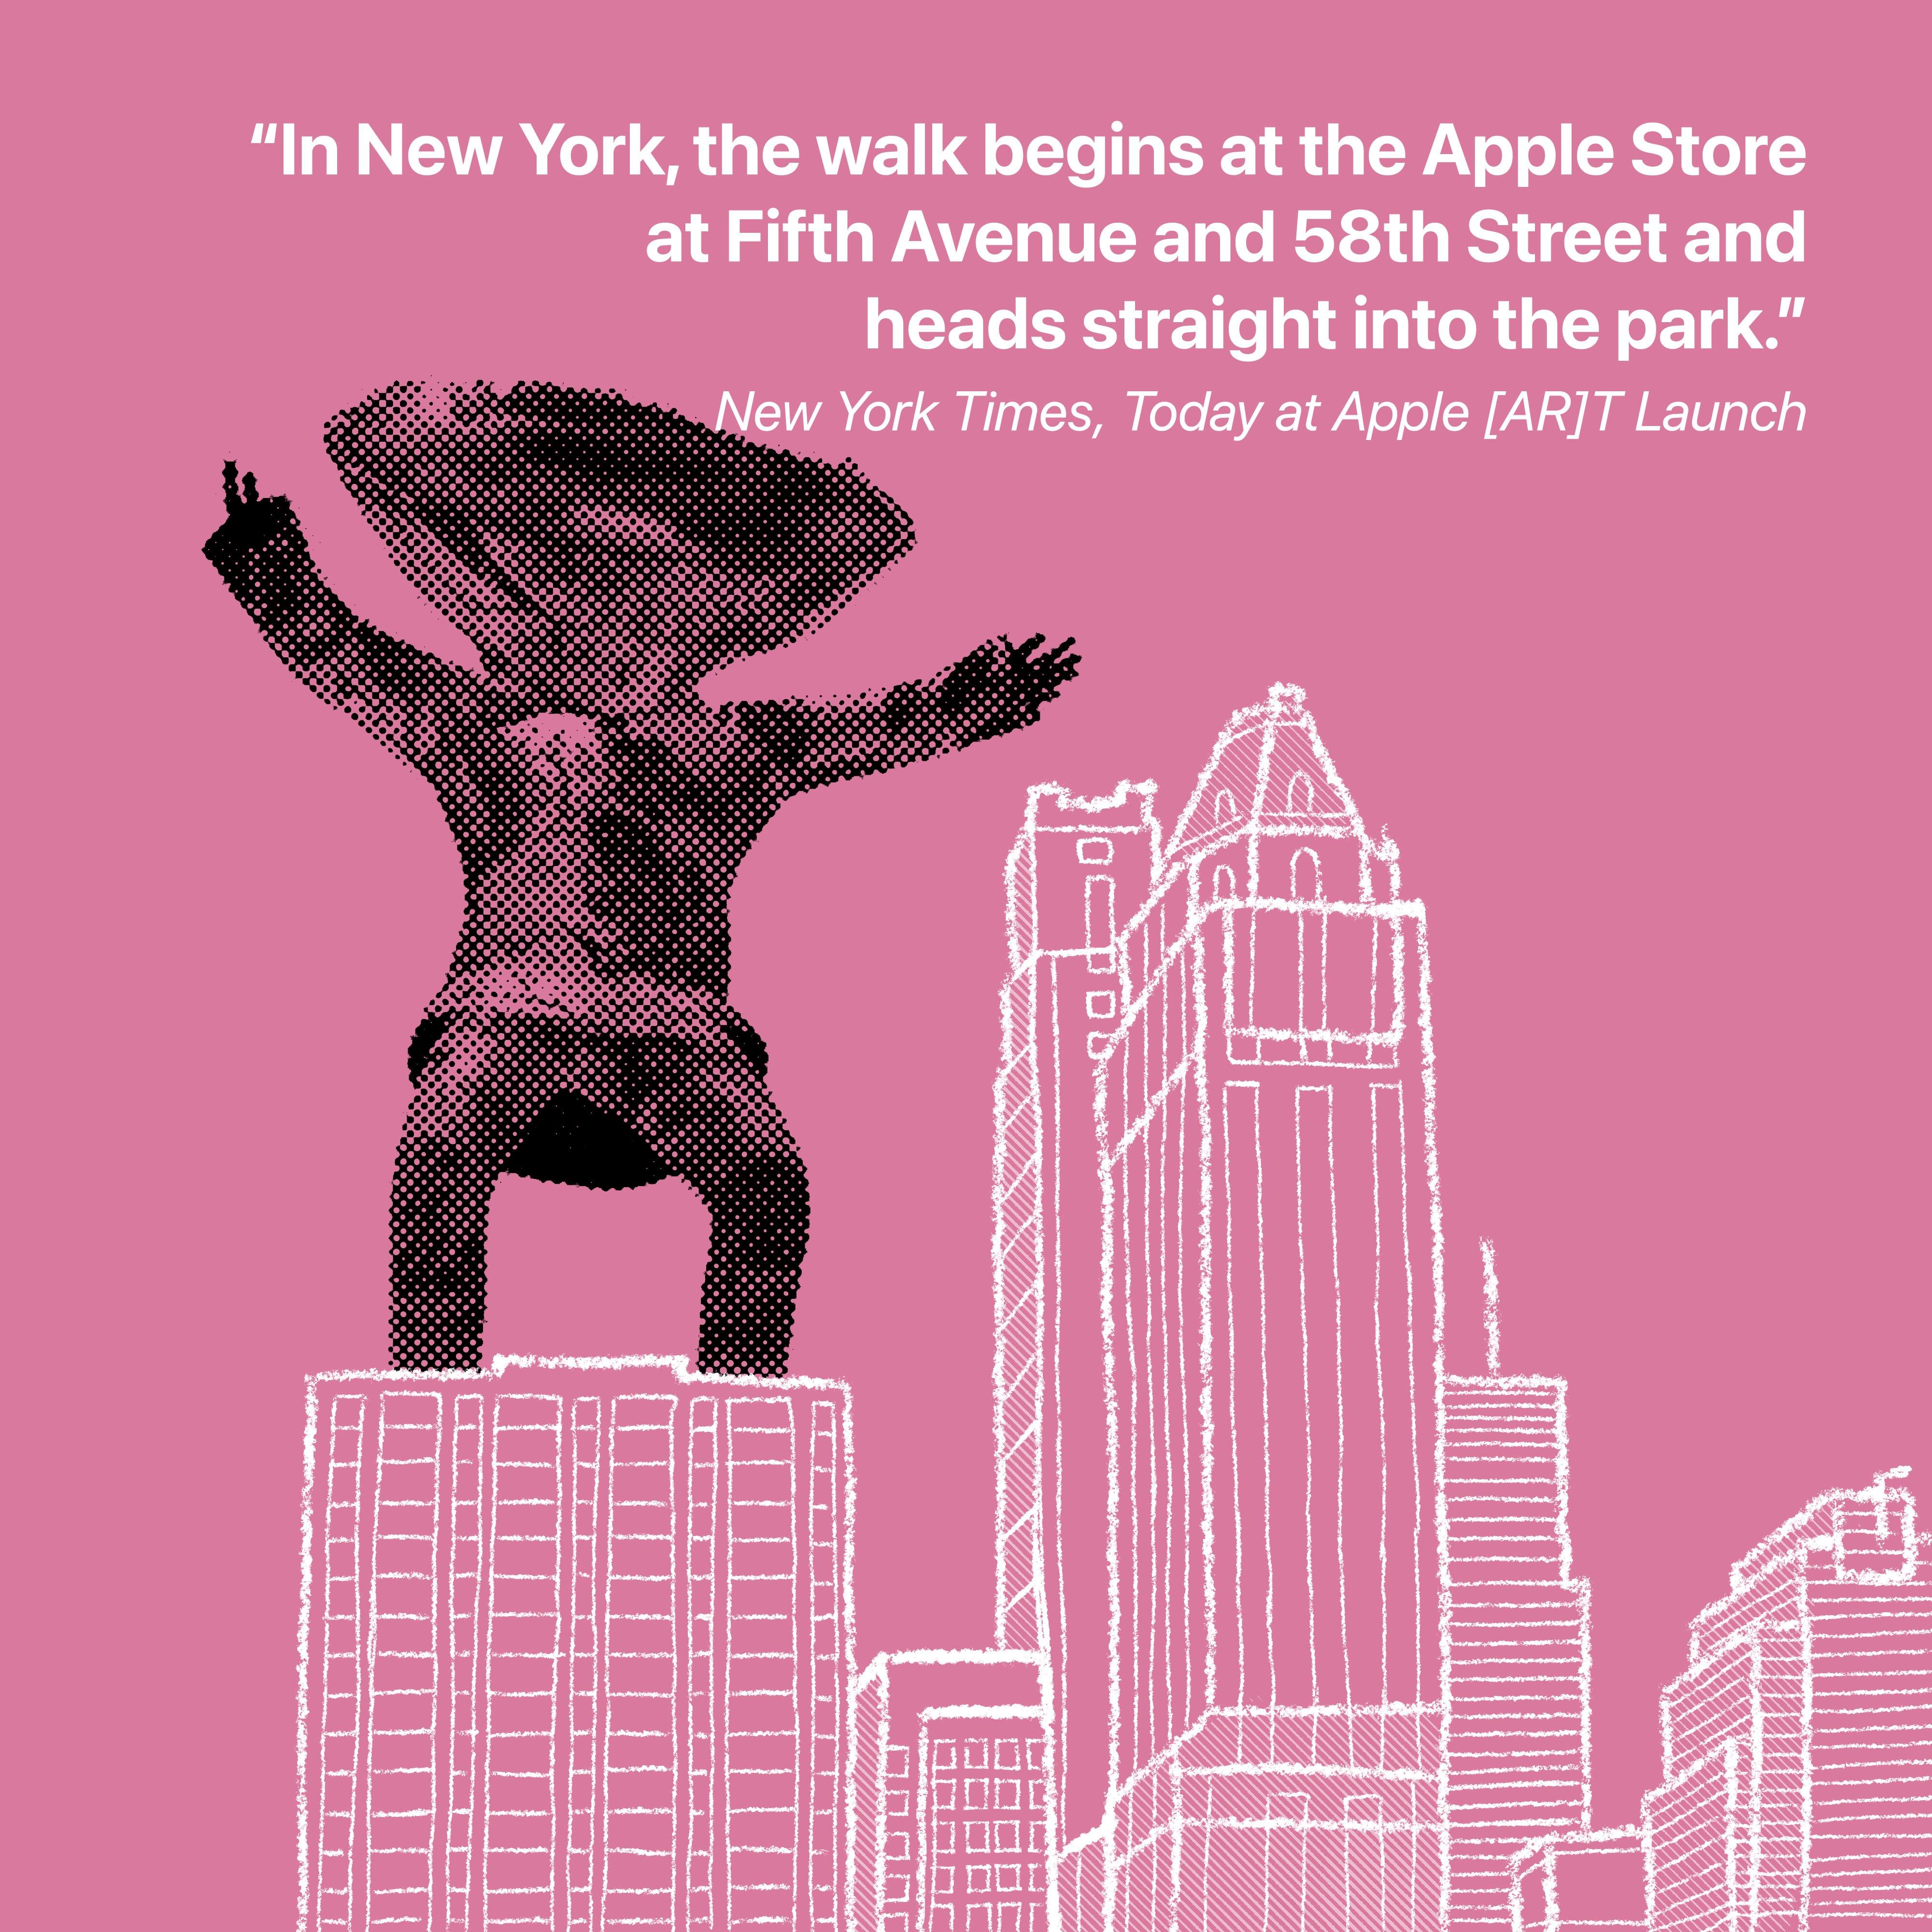 """""""À New York, la promenade commence à l'Apple Store de la Cinquième Avenue et de la 58e Rue et se dirige directement vers le parc."""" New York Times, Aujourd'hui chez Apple [AR]T Lancement"""